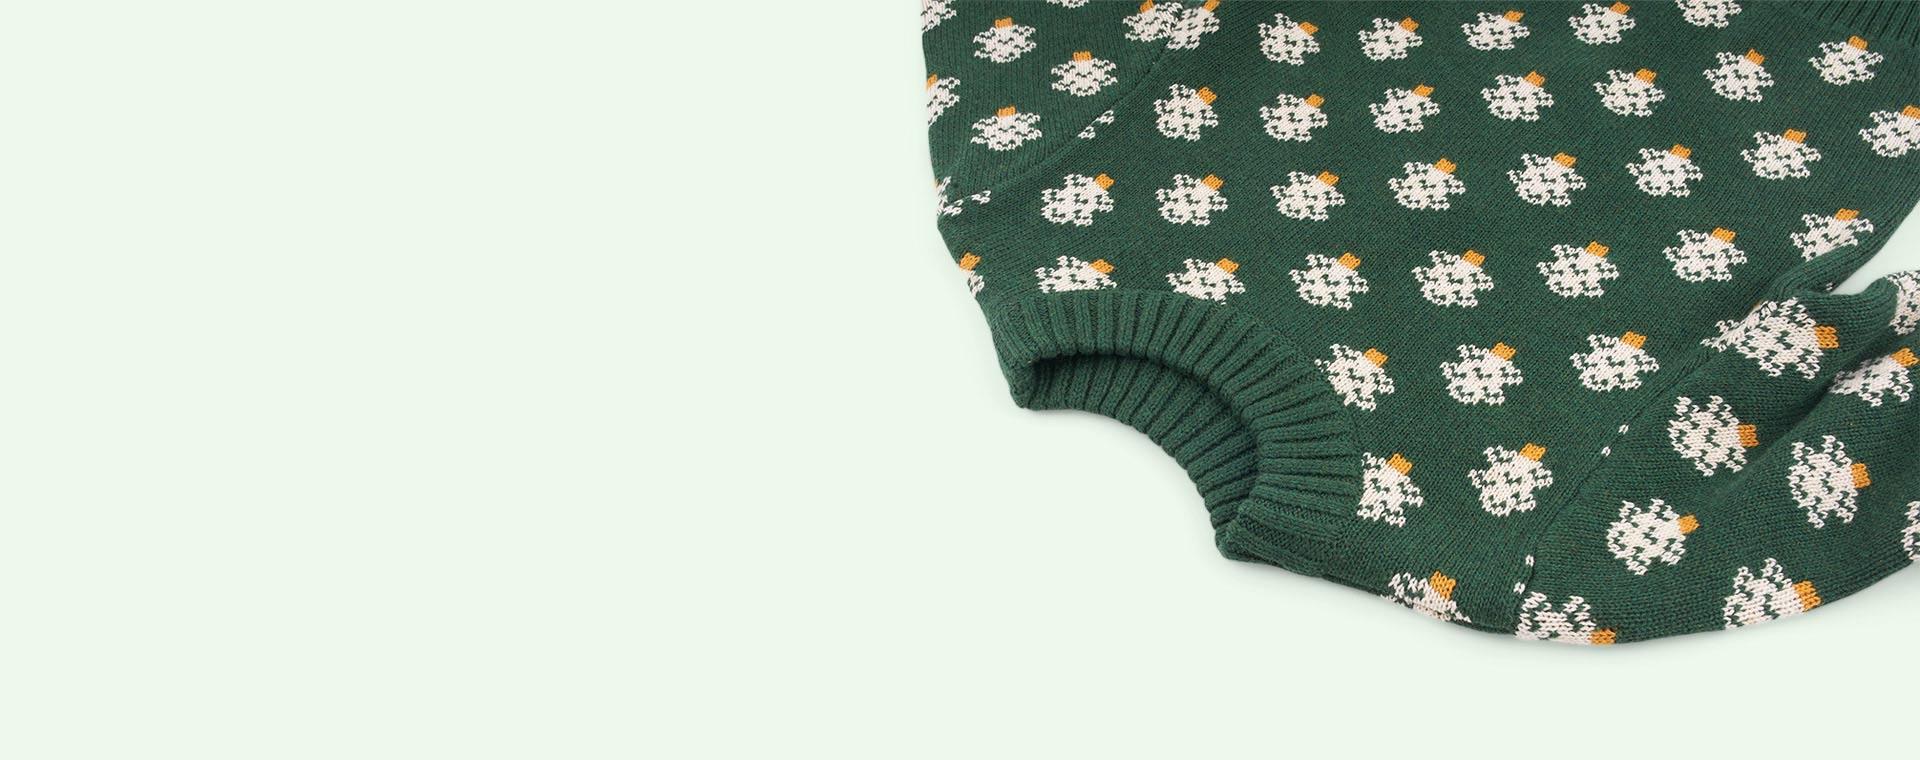 Olive Marl/ Winter Forest Little Green Radicals Snuggly Jumper